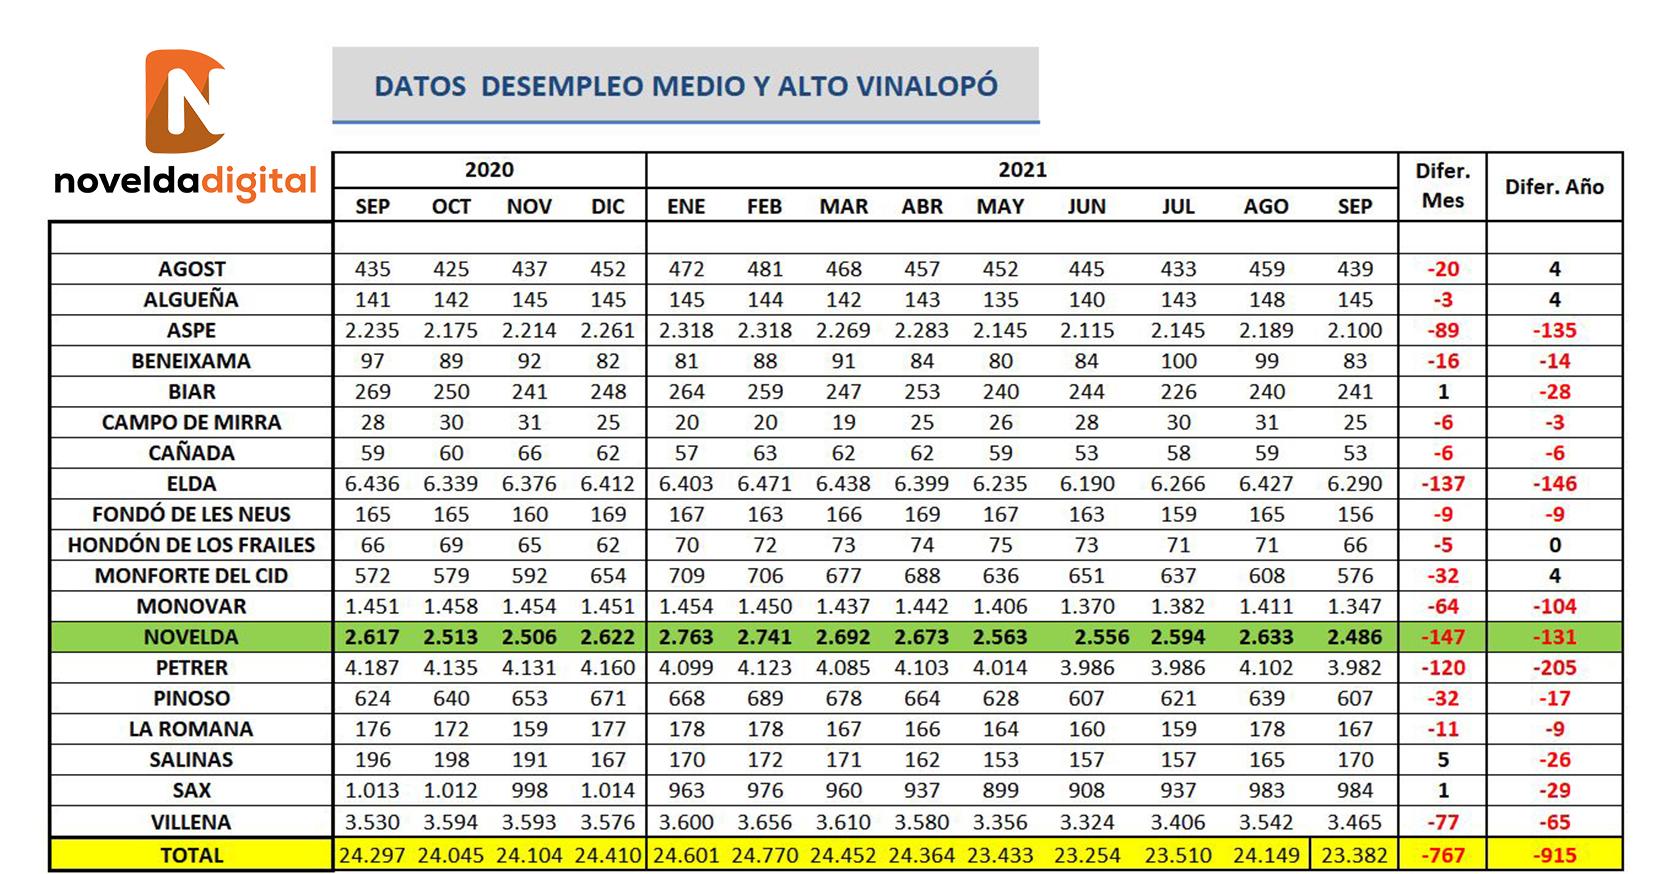 Desciende el desempleo en Novelda en 147 personas